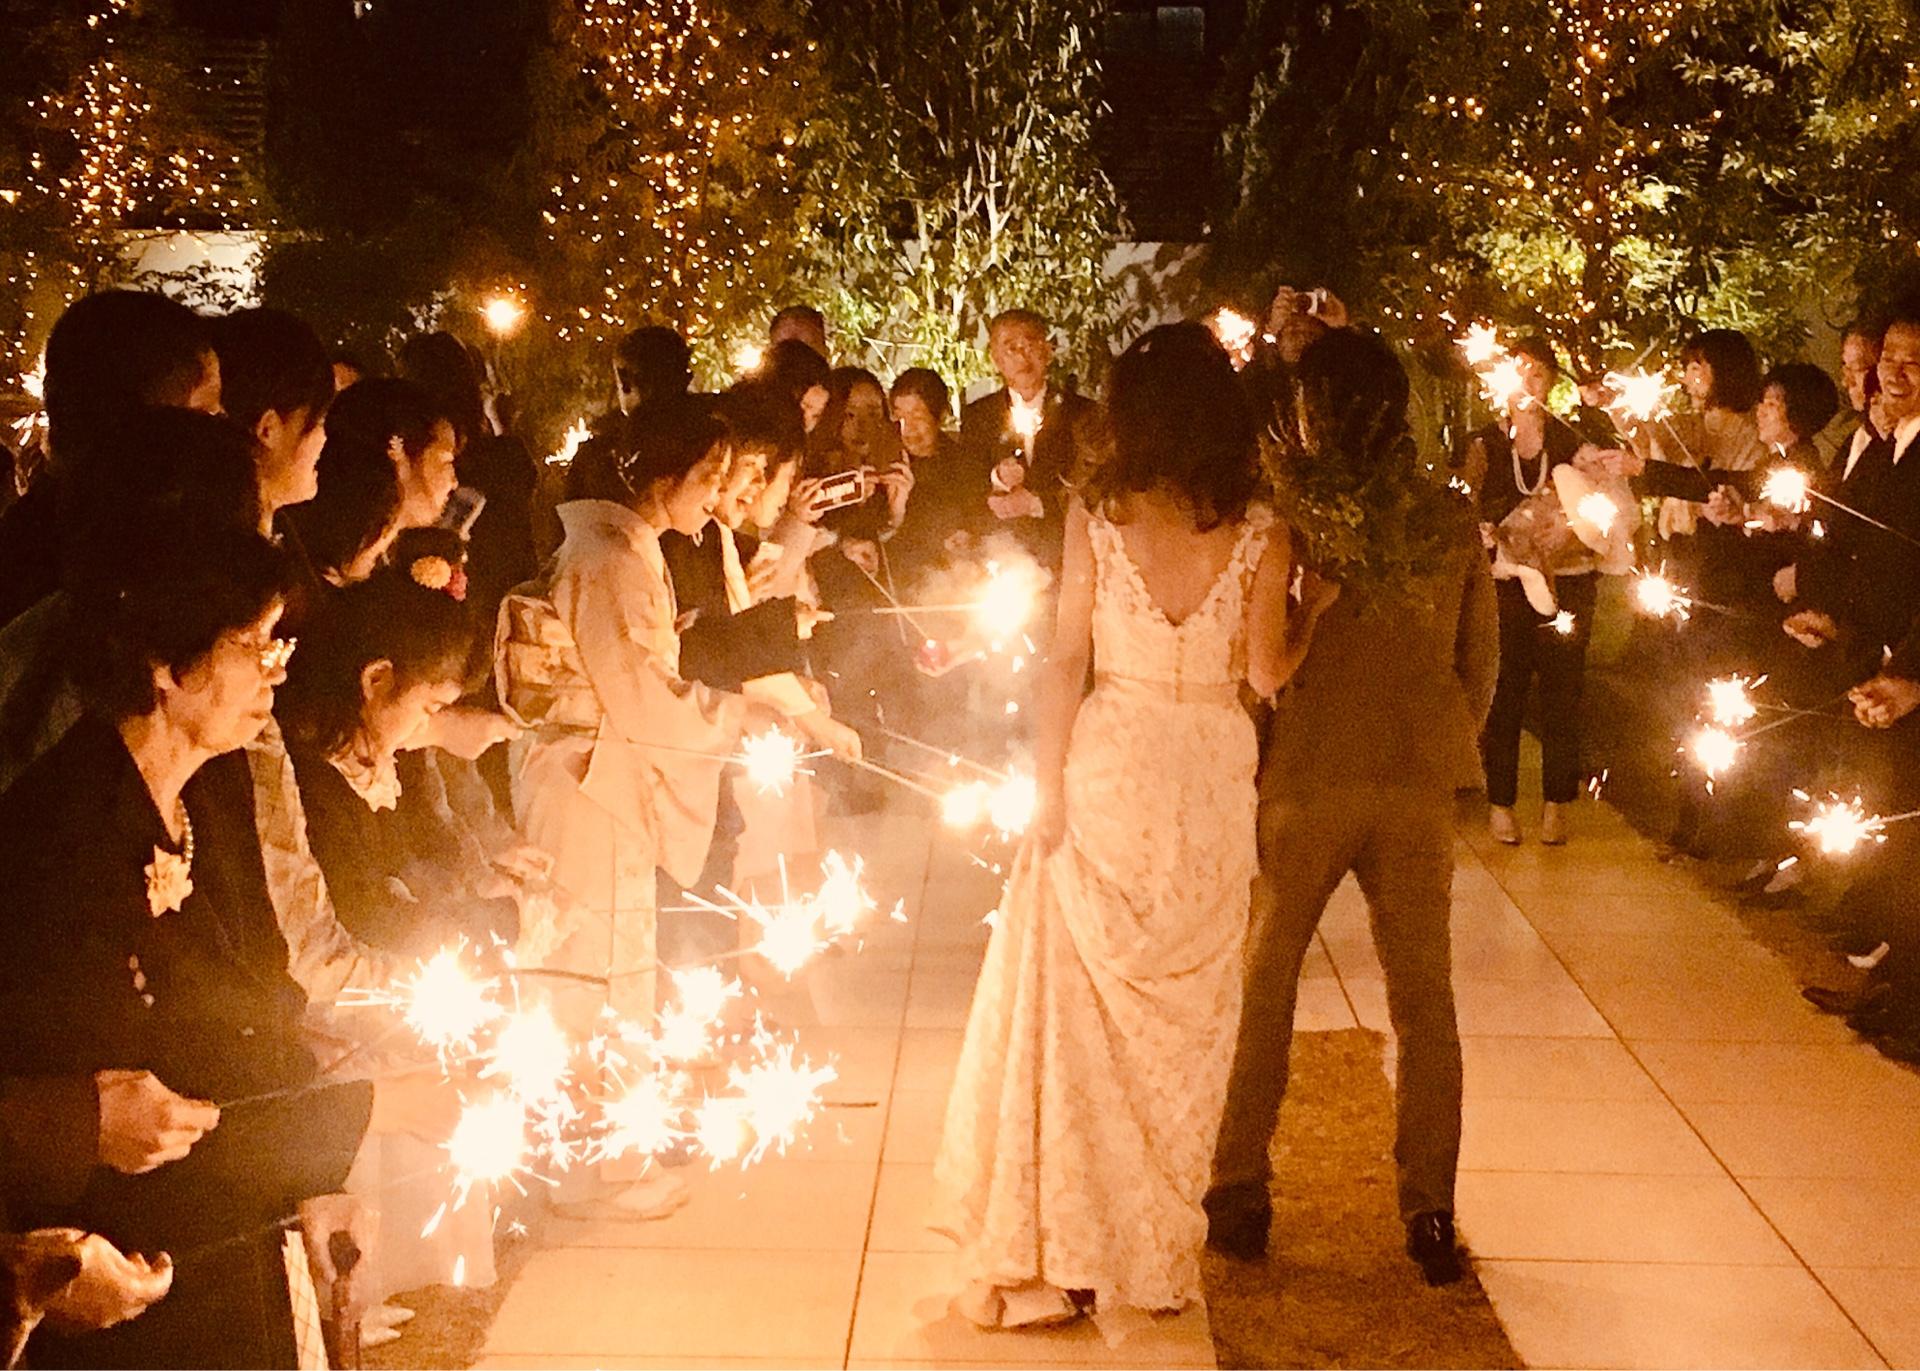 香川の結婚式場のシェルエメール&アイスタイルの花火演出